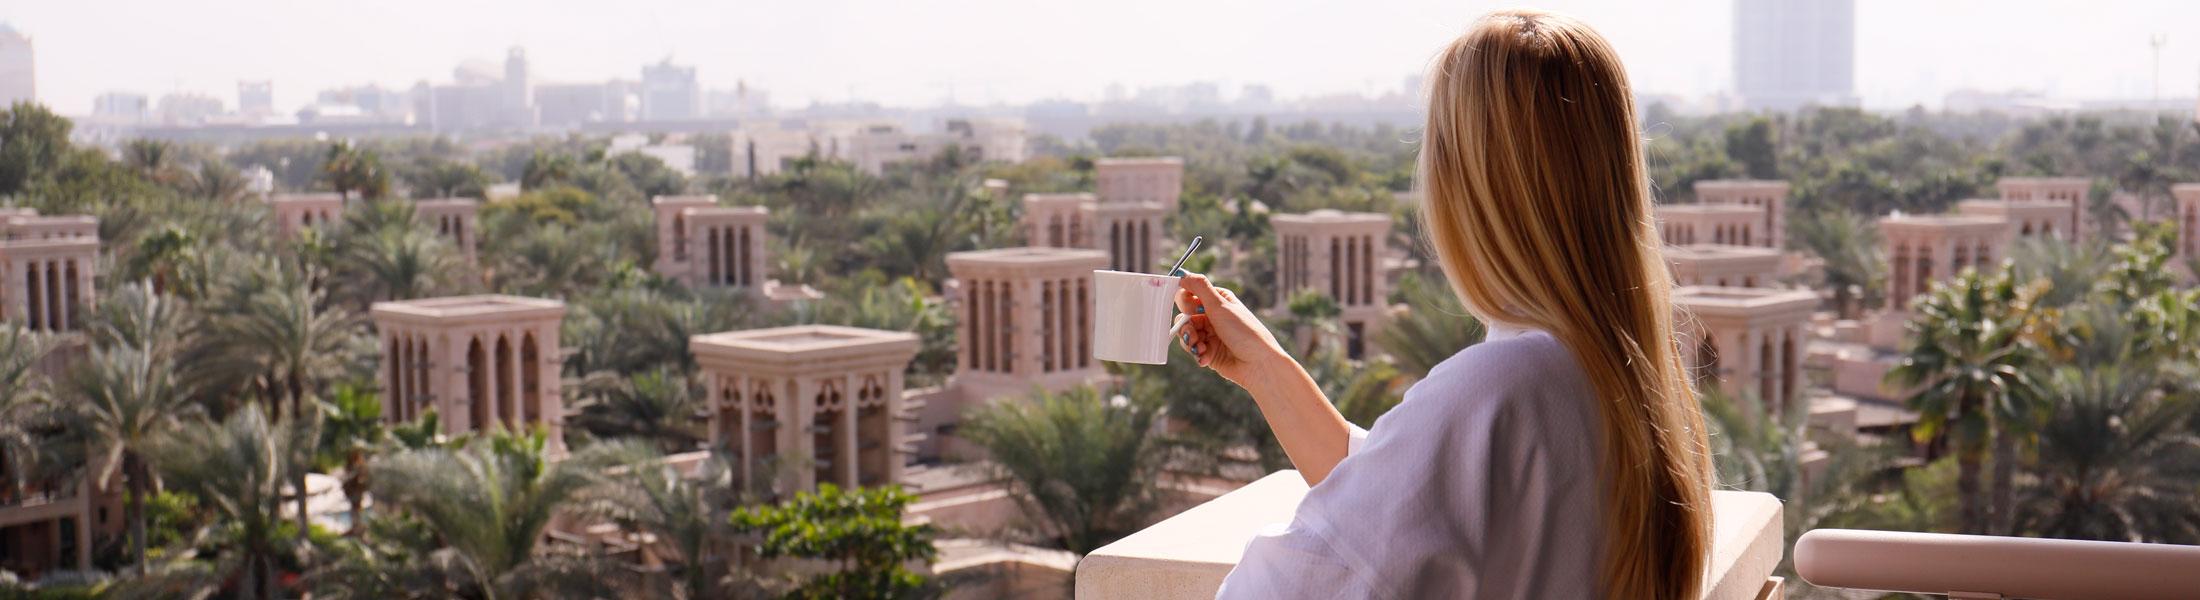 Lady on Balcony at the Jumeirah Al Qasr